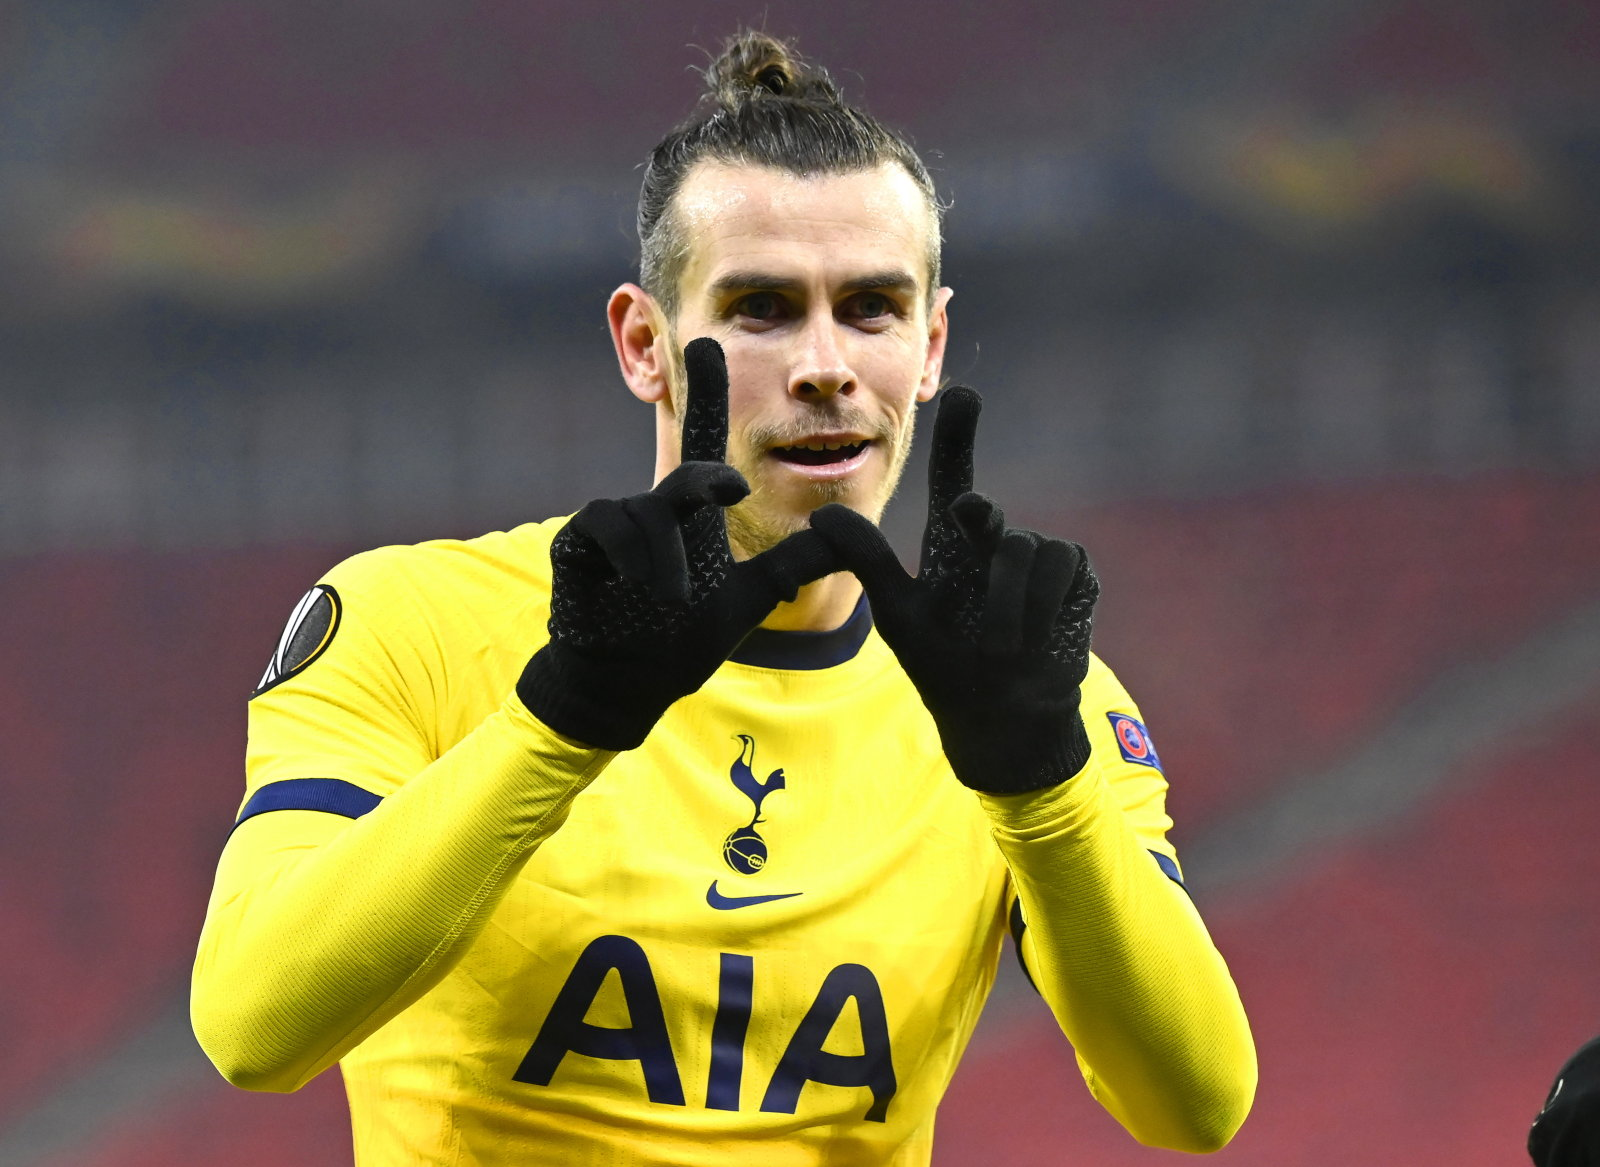 Manchester United ja Tottenham võtsid võõrsil suured võidud, Leicester ei saanud Tšehhi klubist jagu